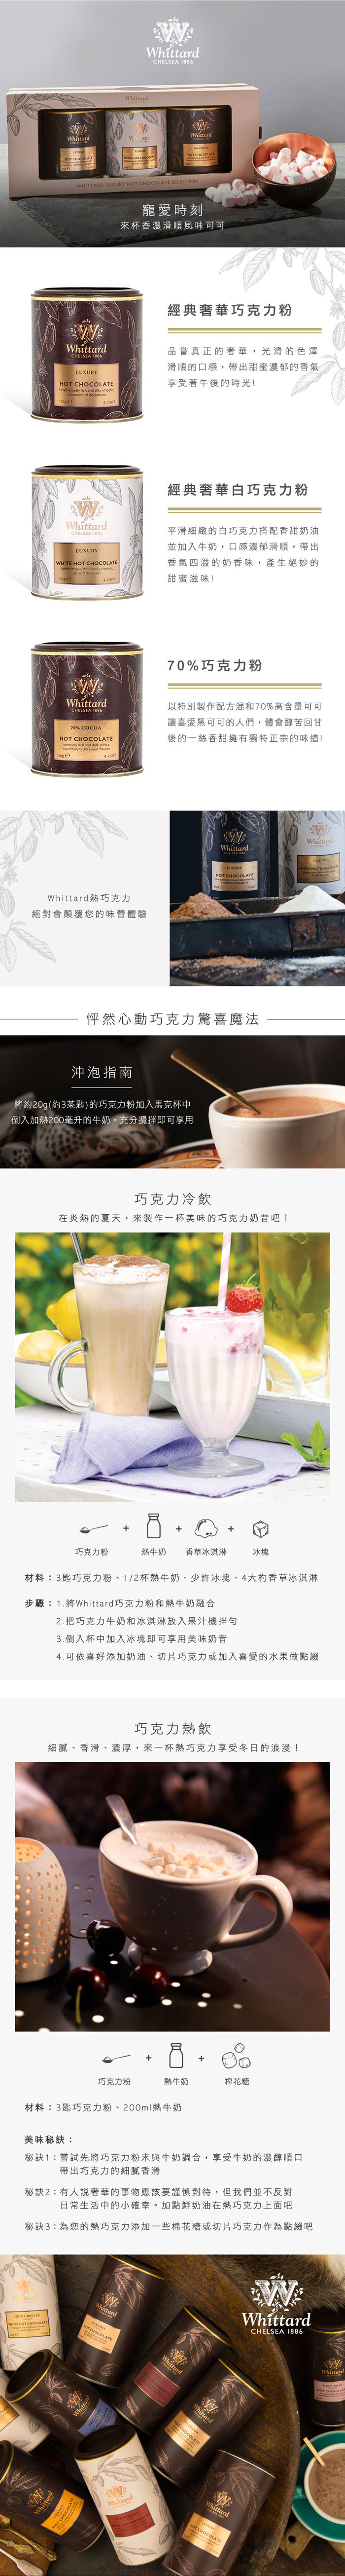 (複製)Whittard | 覆盆莓風味白巧克力粉